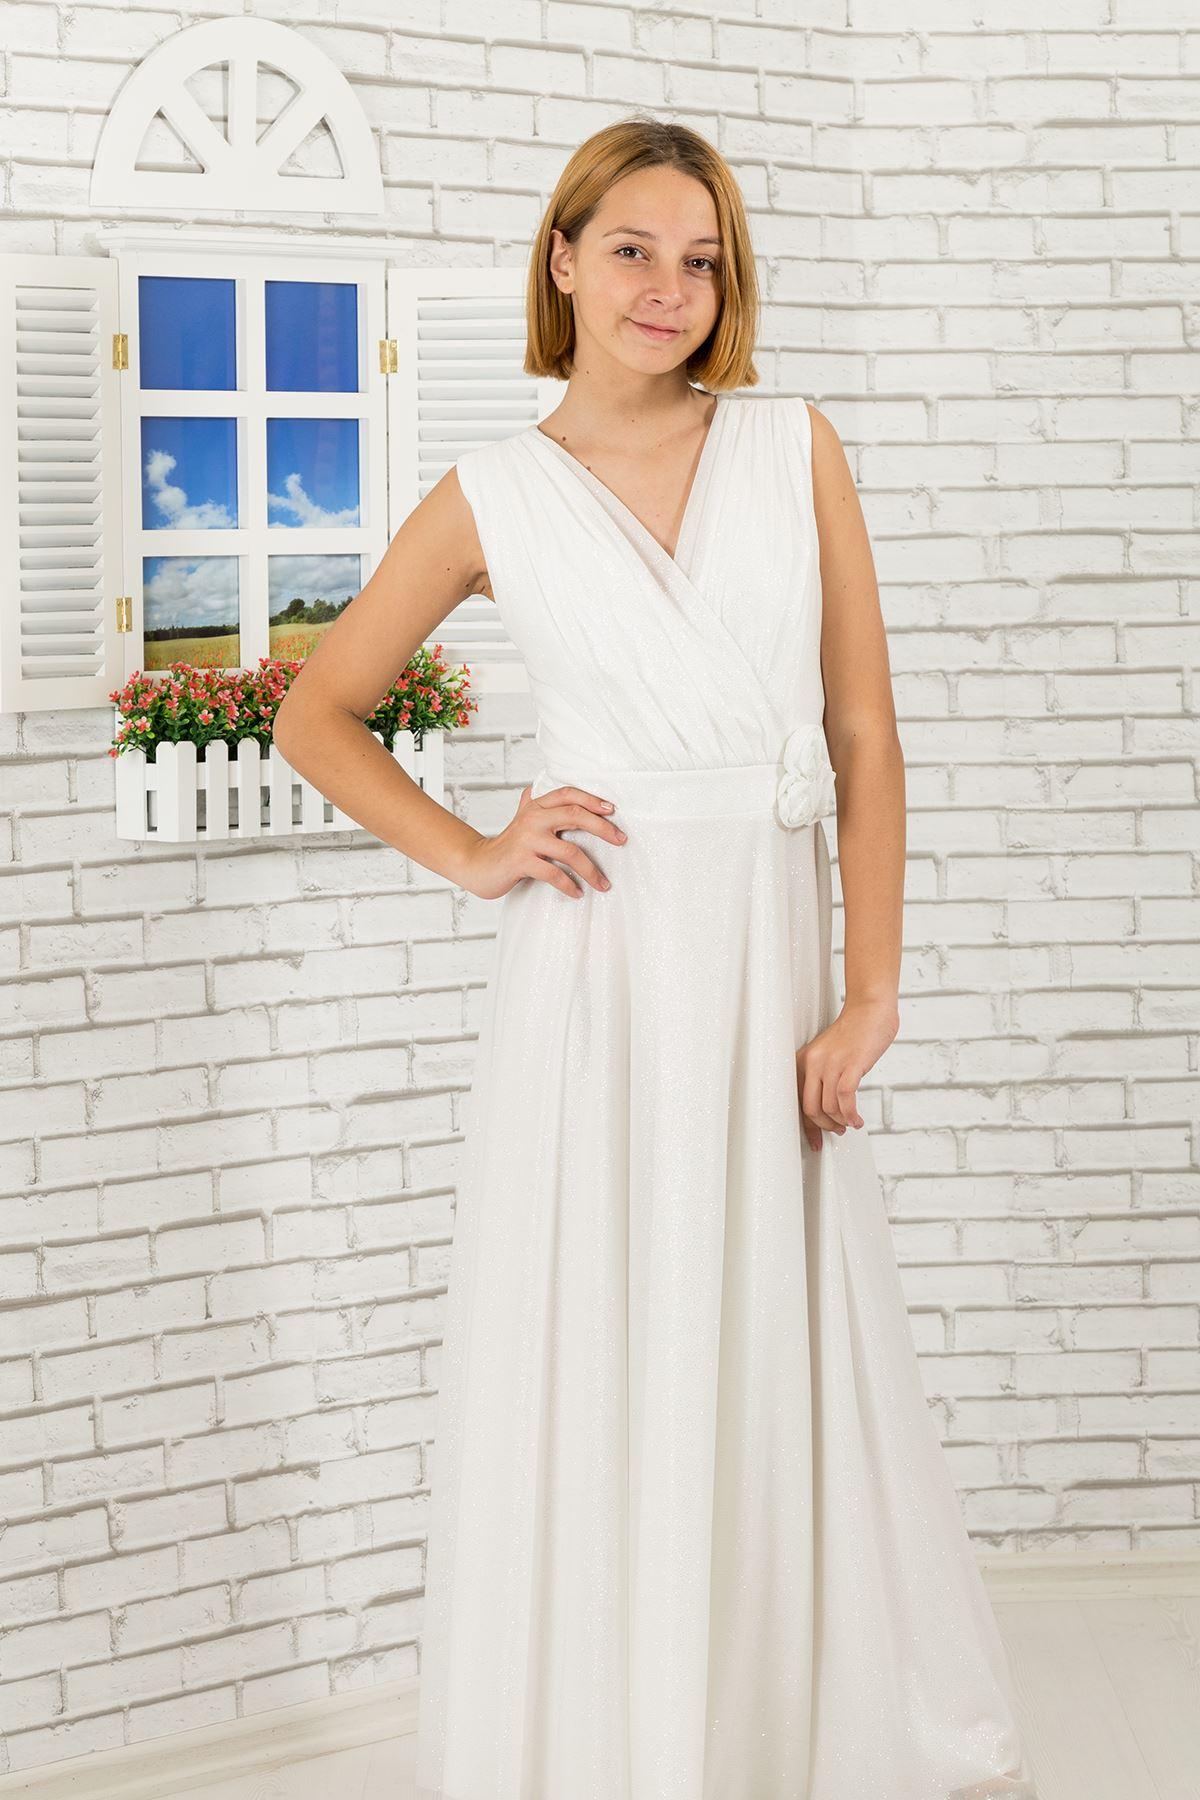 銀色のシフォン生地、vネック詳細女の子のイブニングドレス470アイボリー